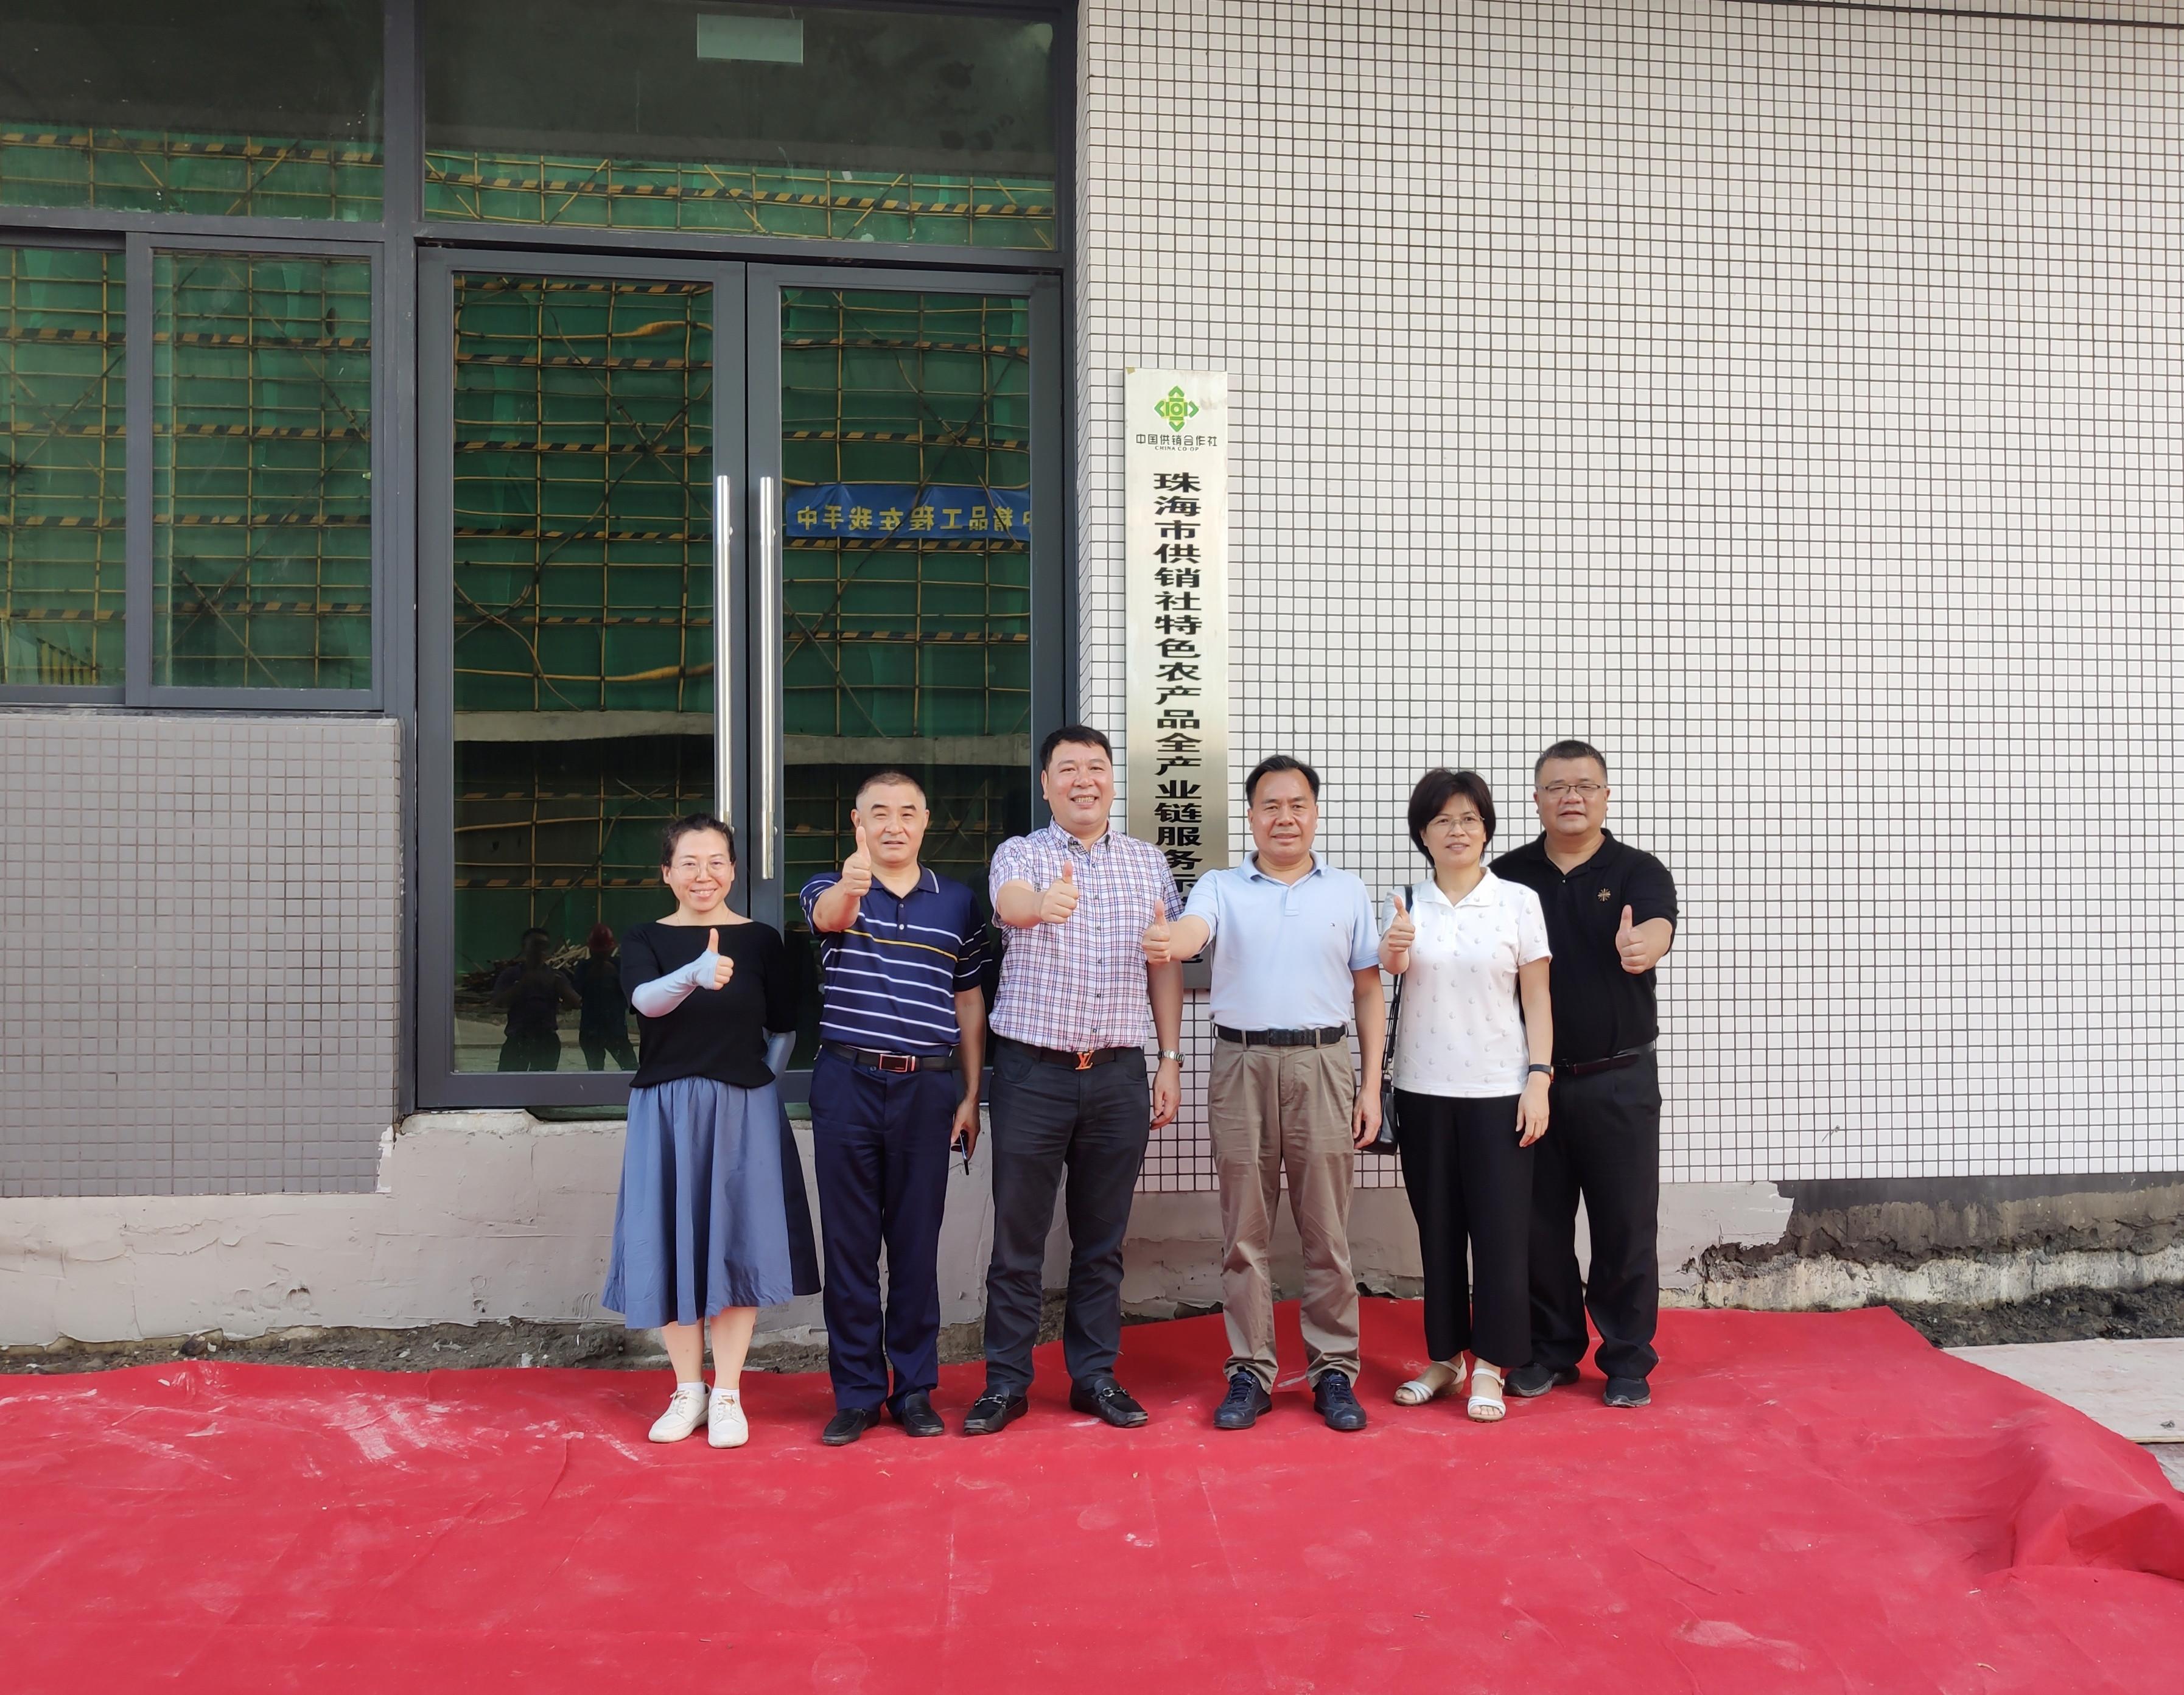 珠海市供销社与广东强竞农业集团 共同打造特色农产品全产业链服务示范基地